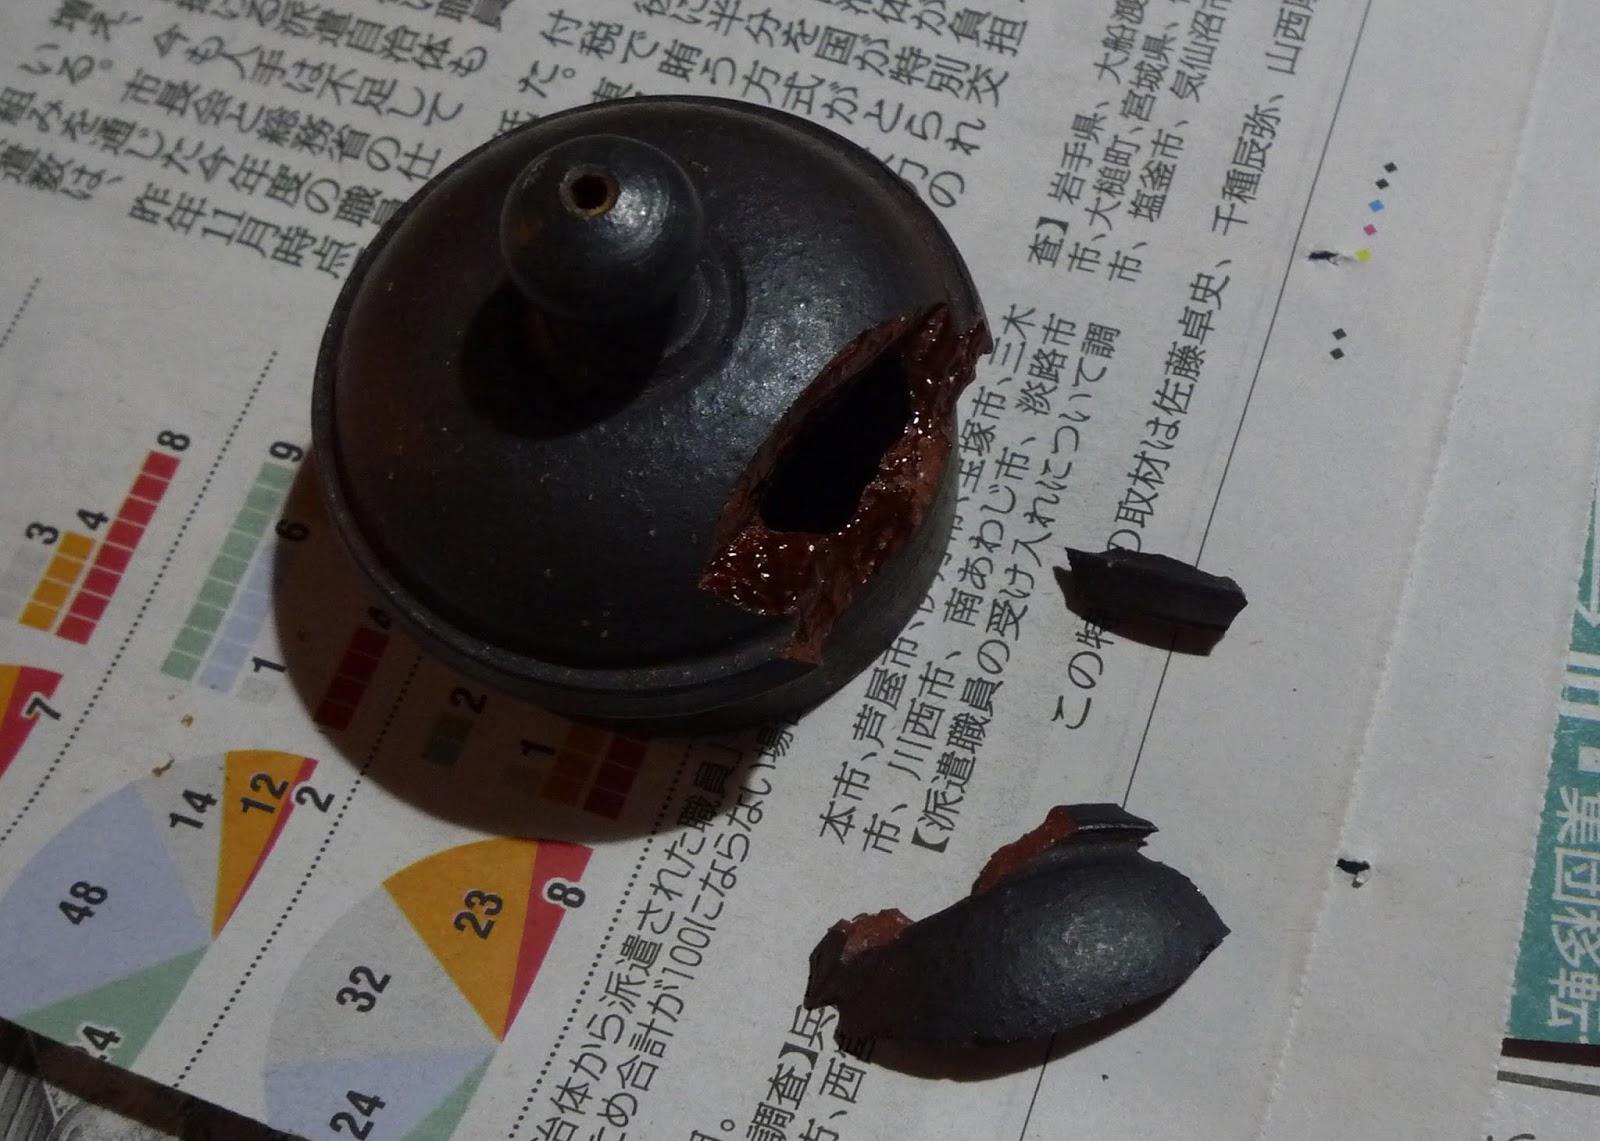 pottery wheel very noisy how to fix